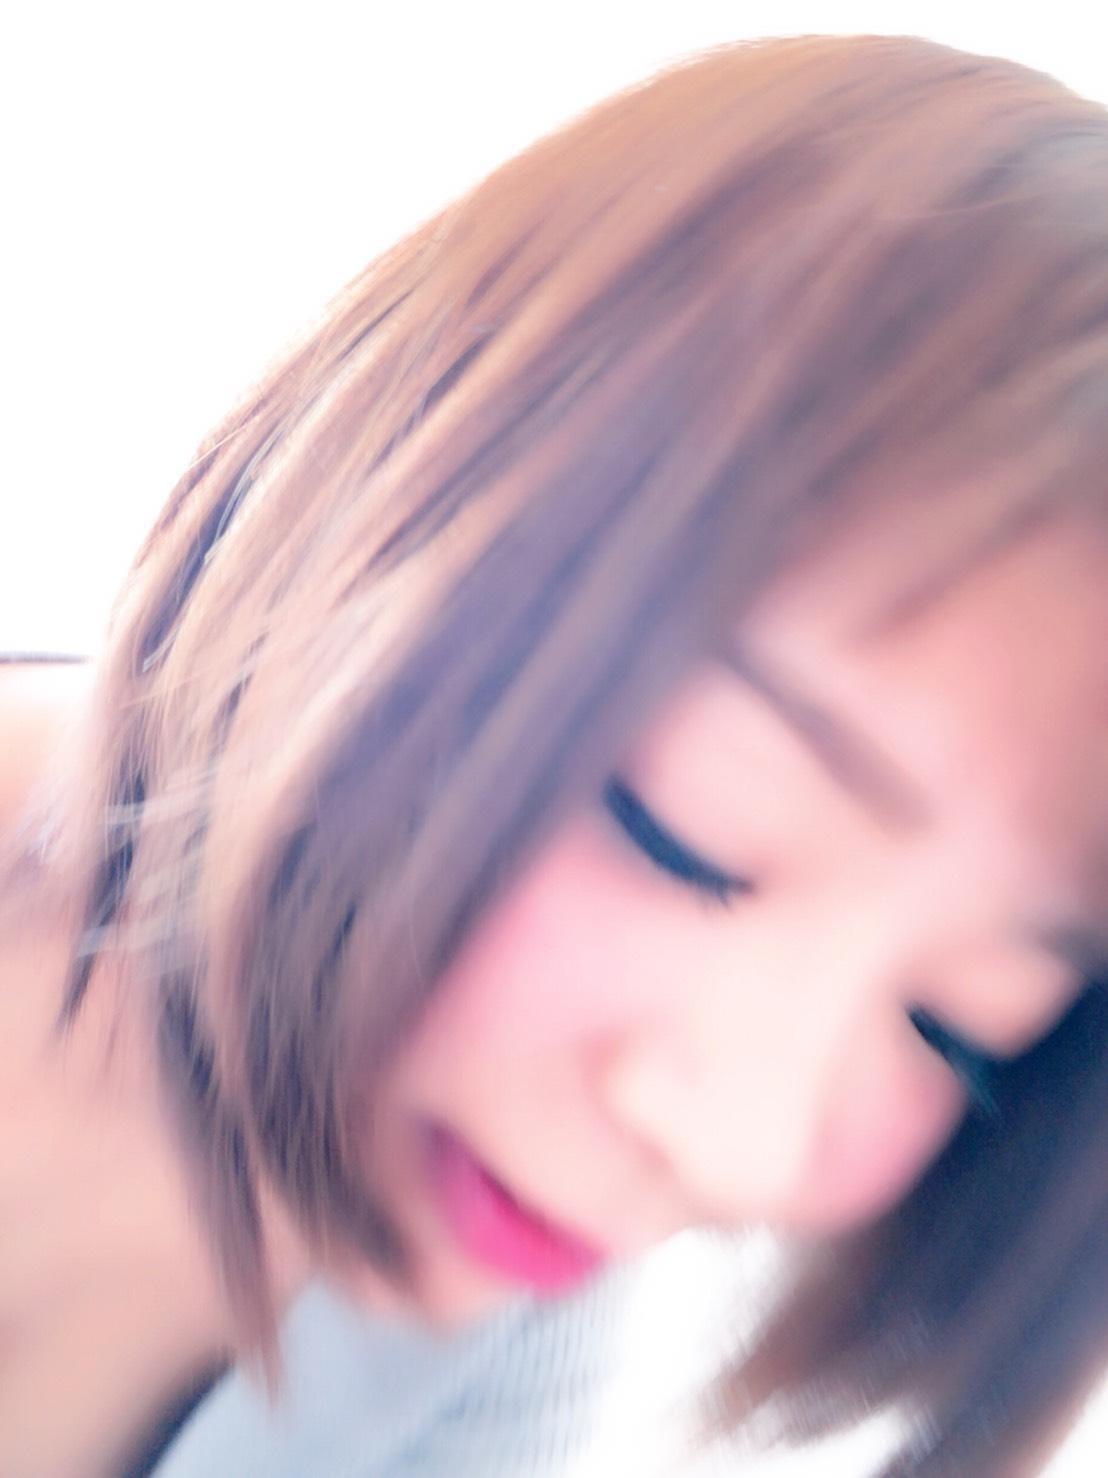 「早くエッチしようよ(*?ω? )」06/19(火) 20:32 | Ione<いおん>の写メ・風俗動画